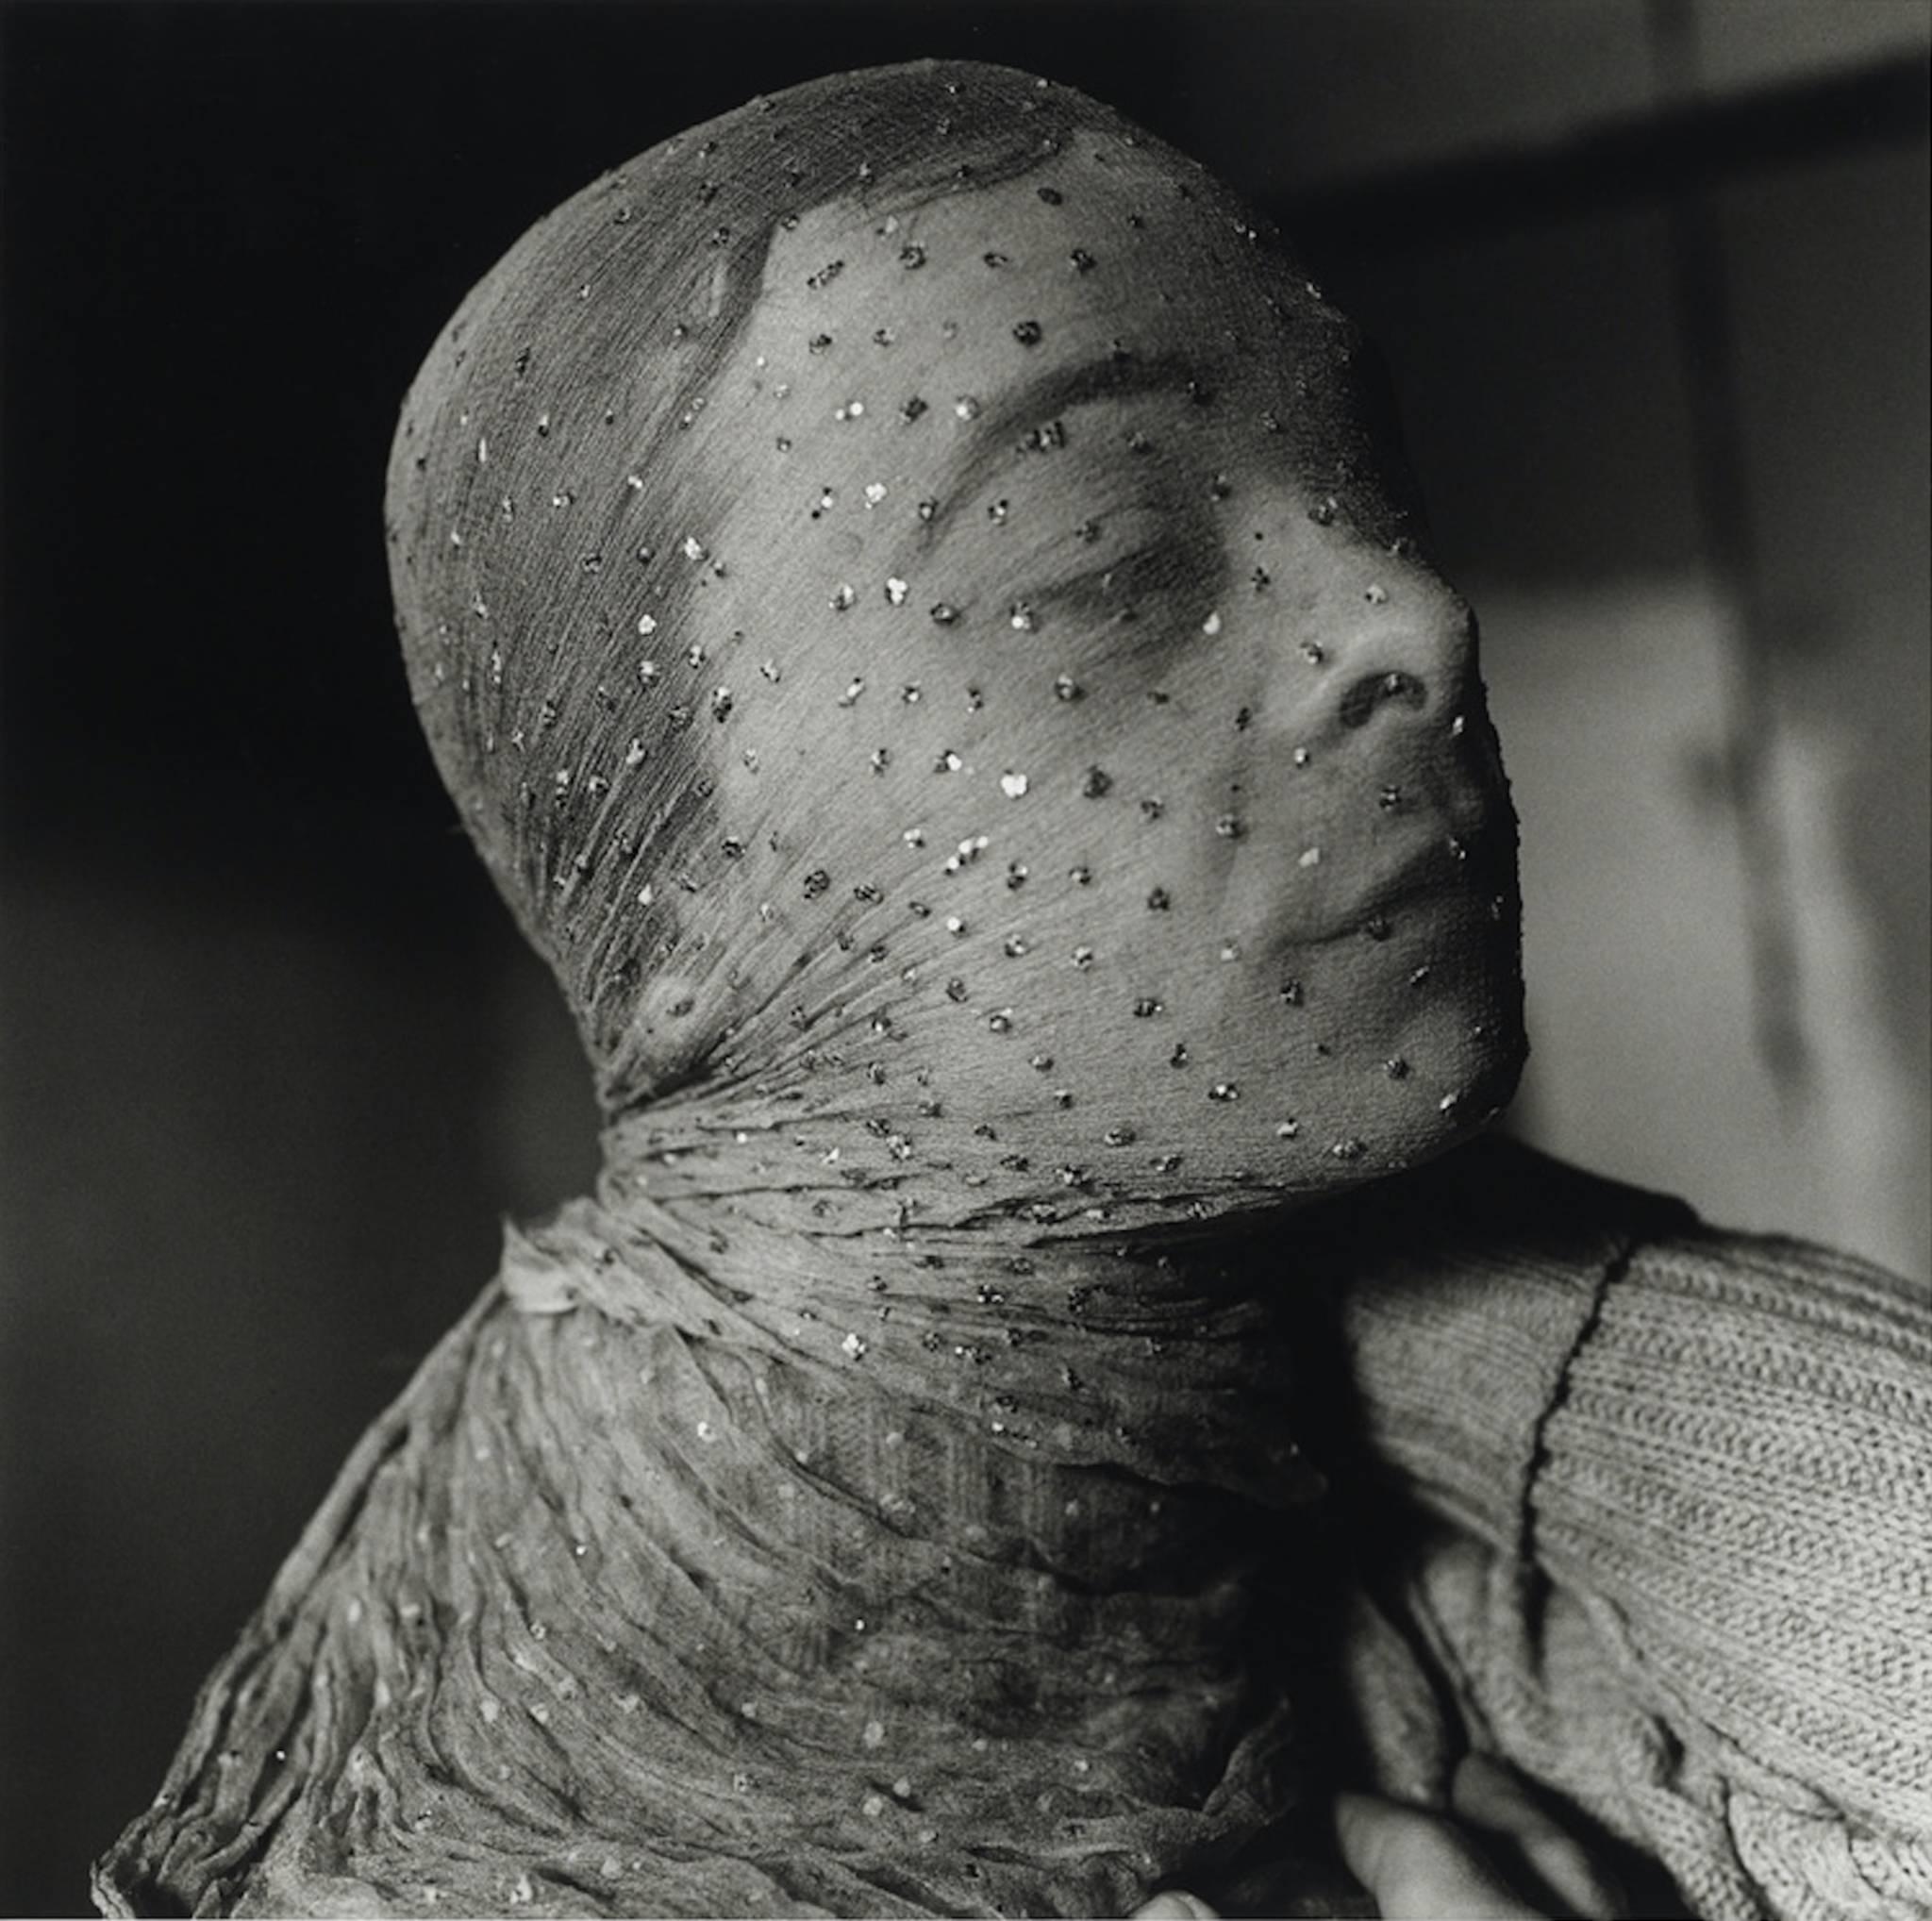 Peter Hujar, 'Gary Indiana Veiled,' 1981.